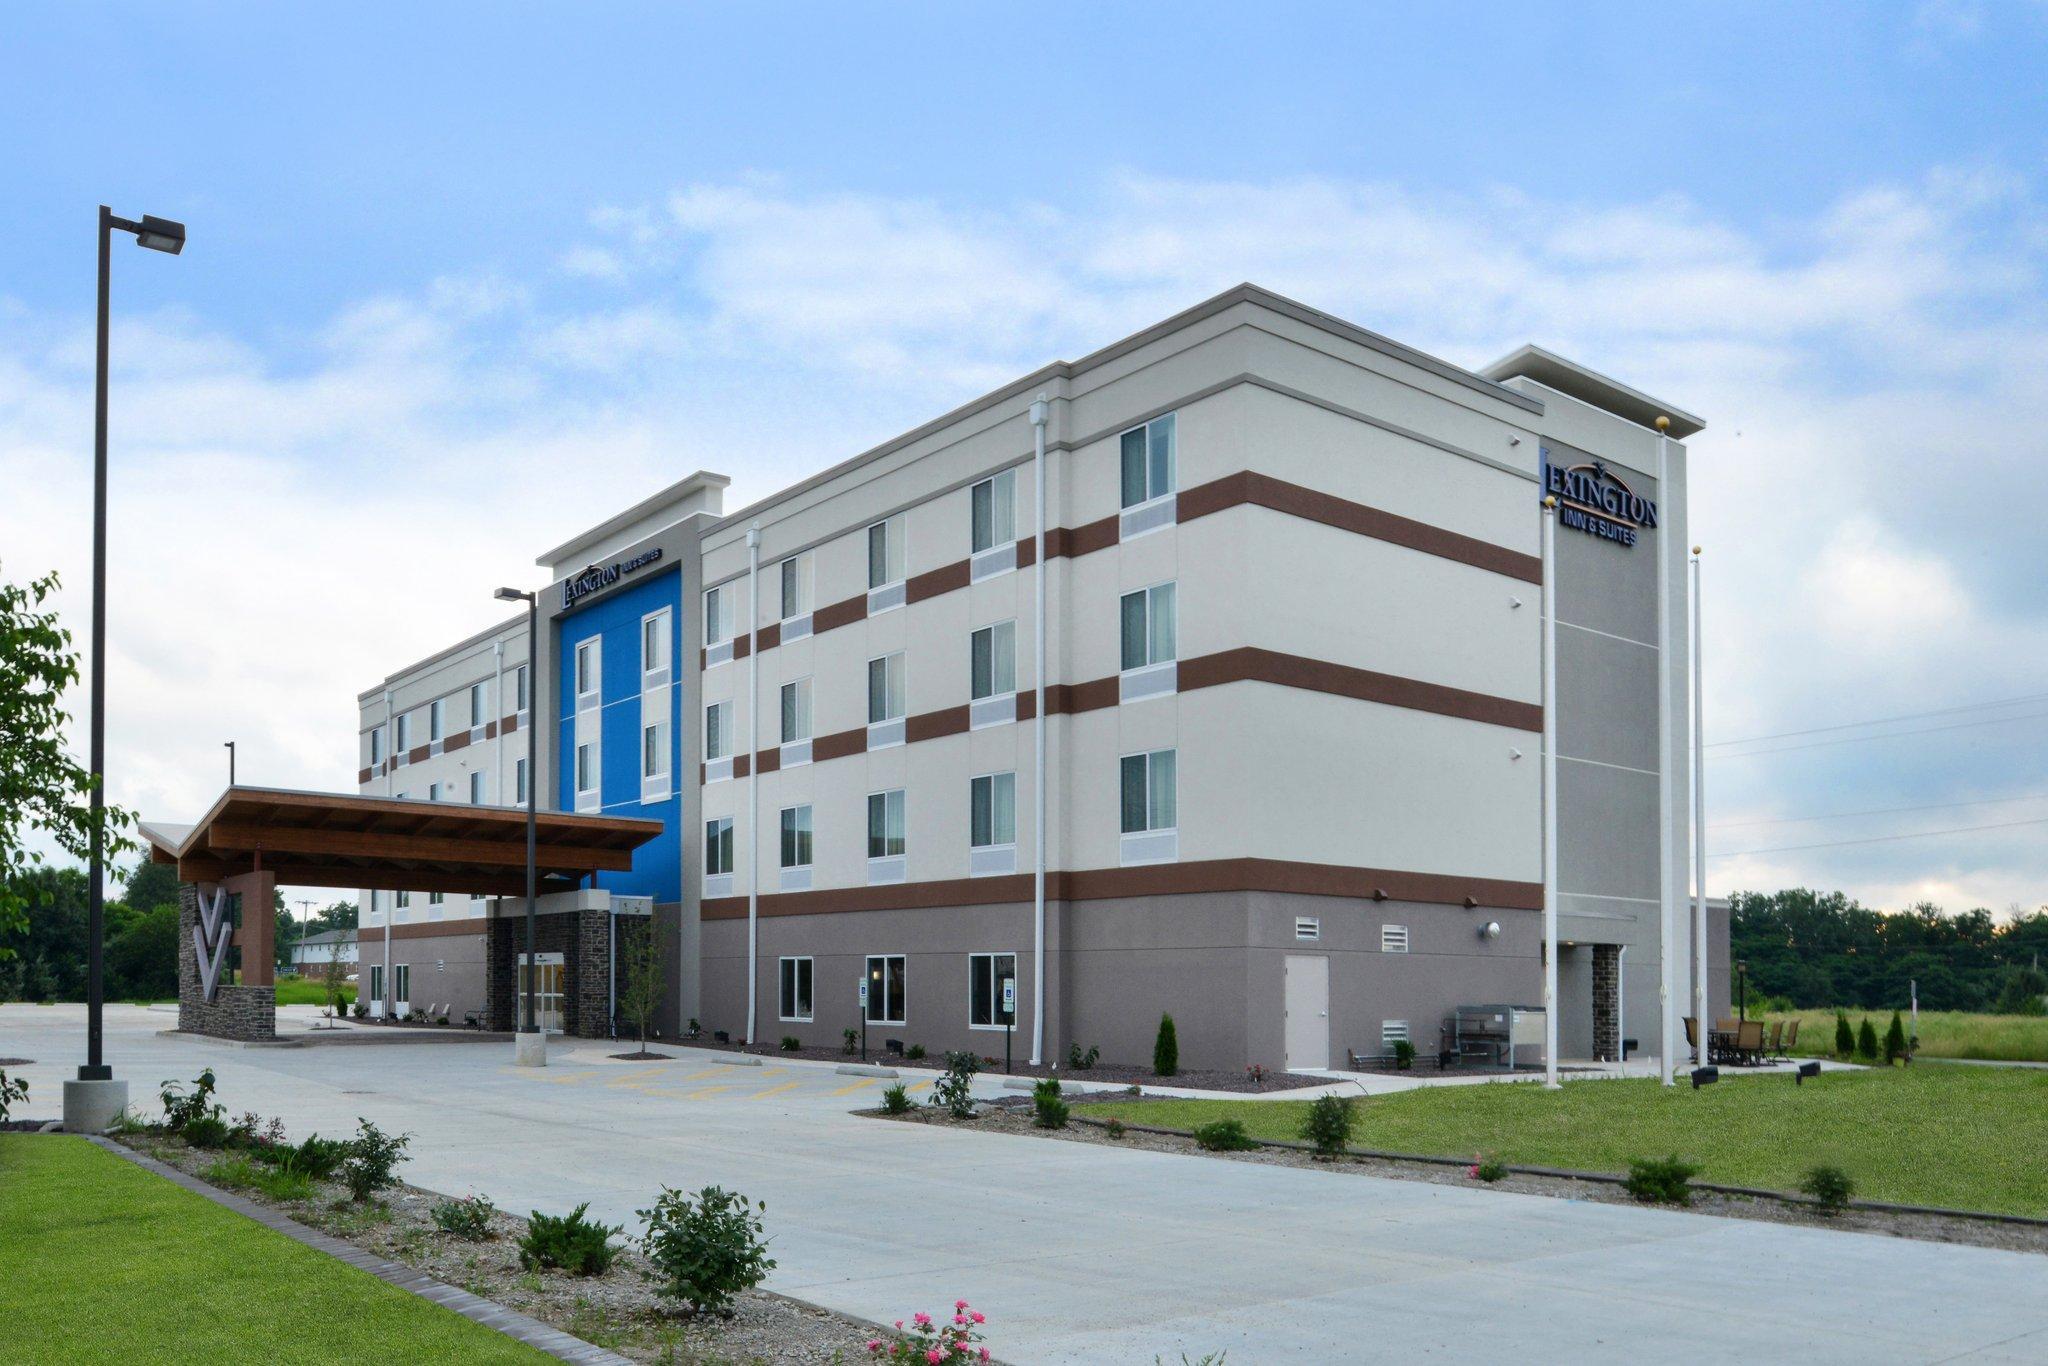 Lexington Inn And Suites Effingham